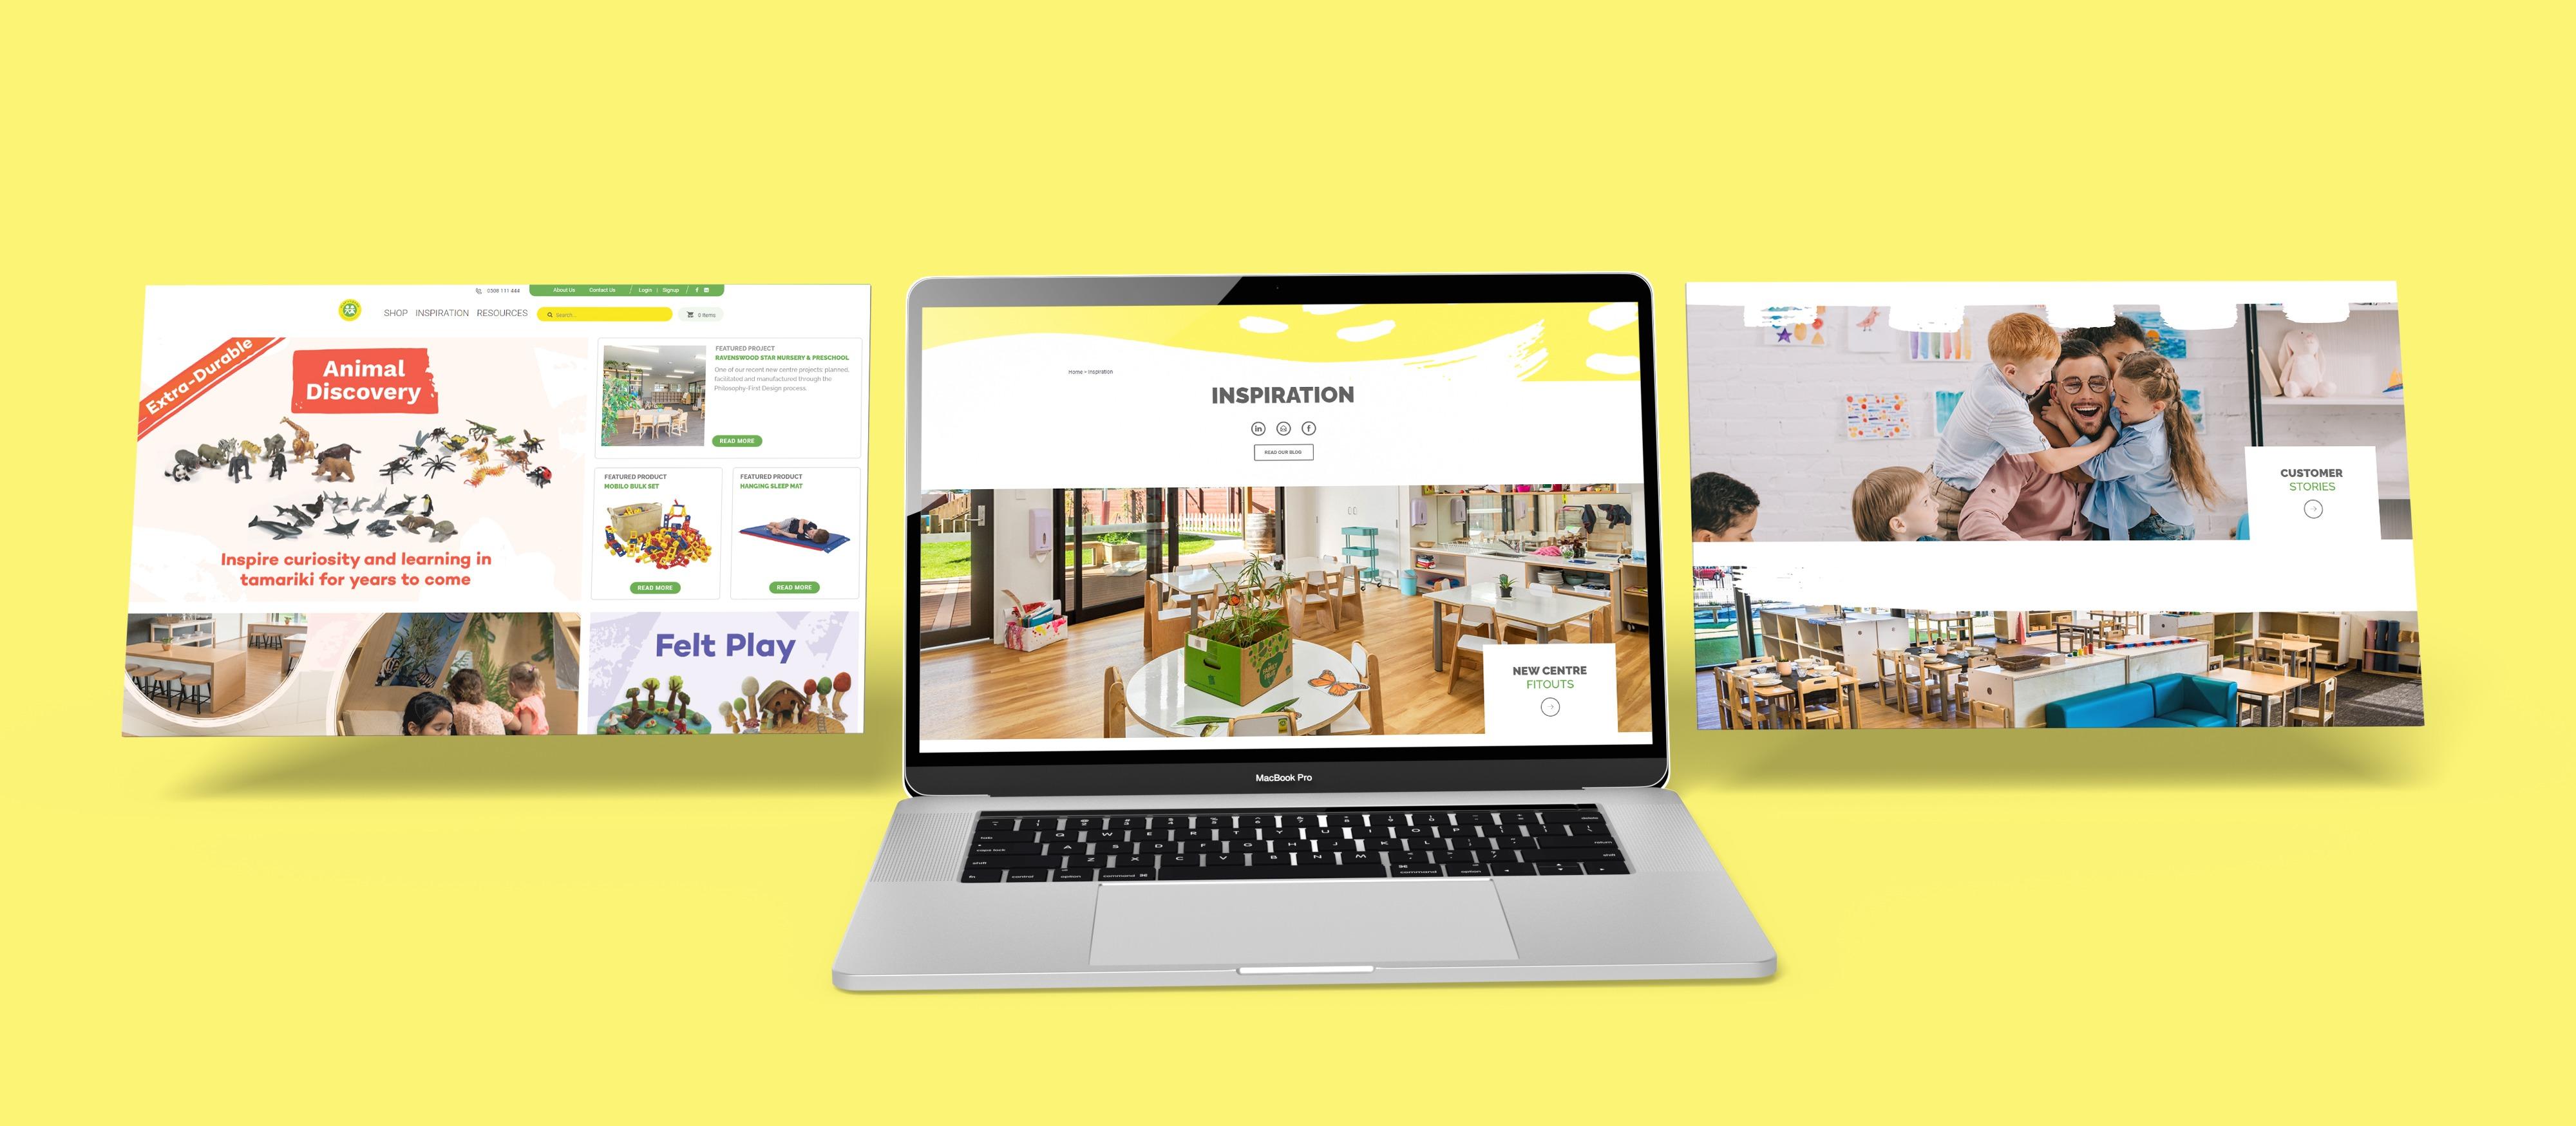 Macbook 3 Play n Learn Website